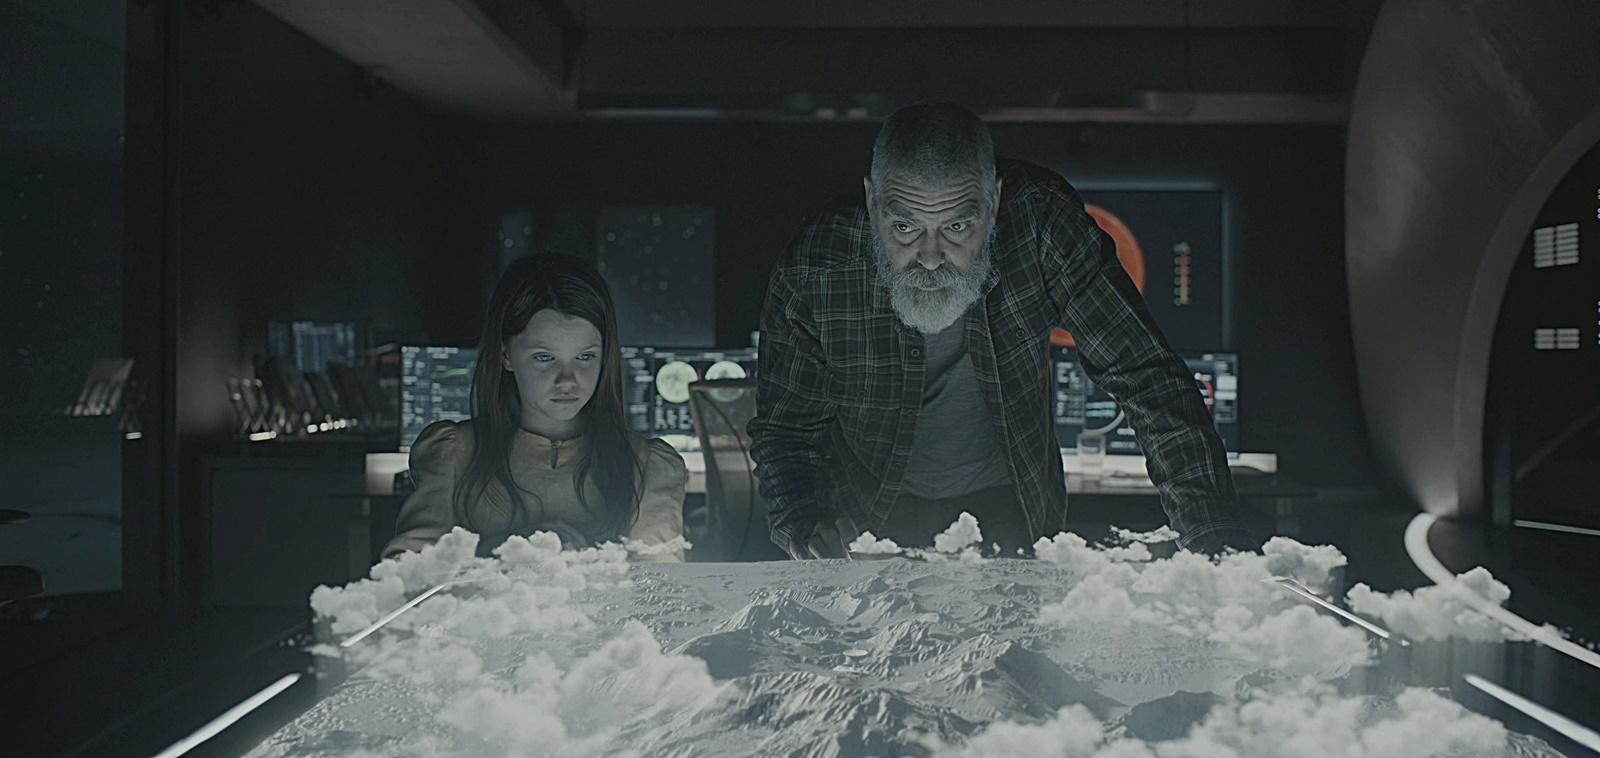 입체 지도를 보고 있는 오거스틴과 아이리스